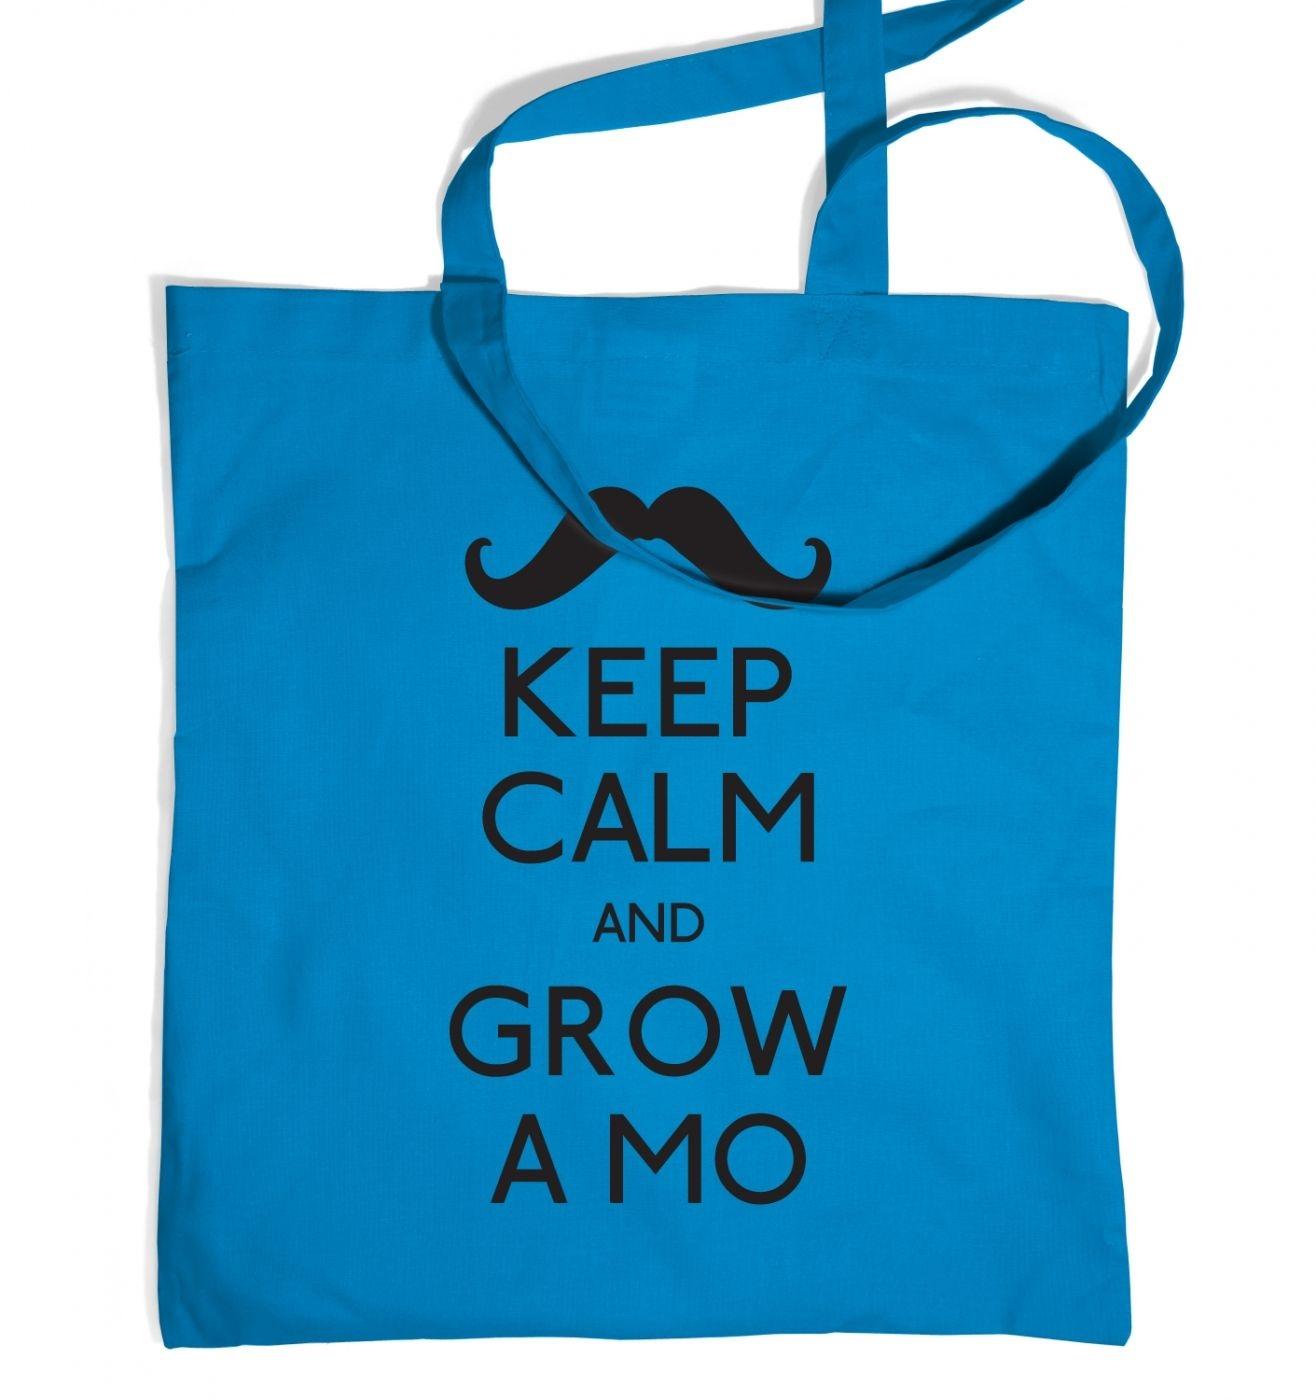 Keep Calm and Grow a Mo Tote Bag